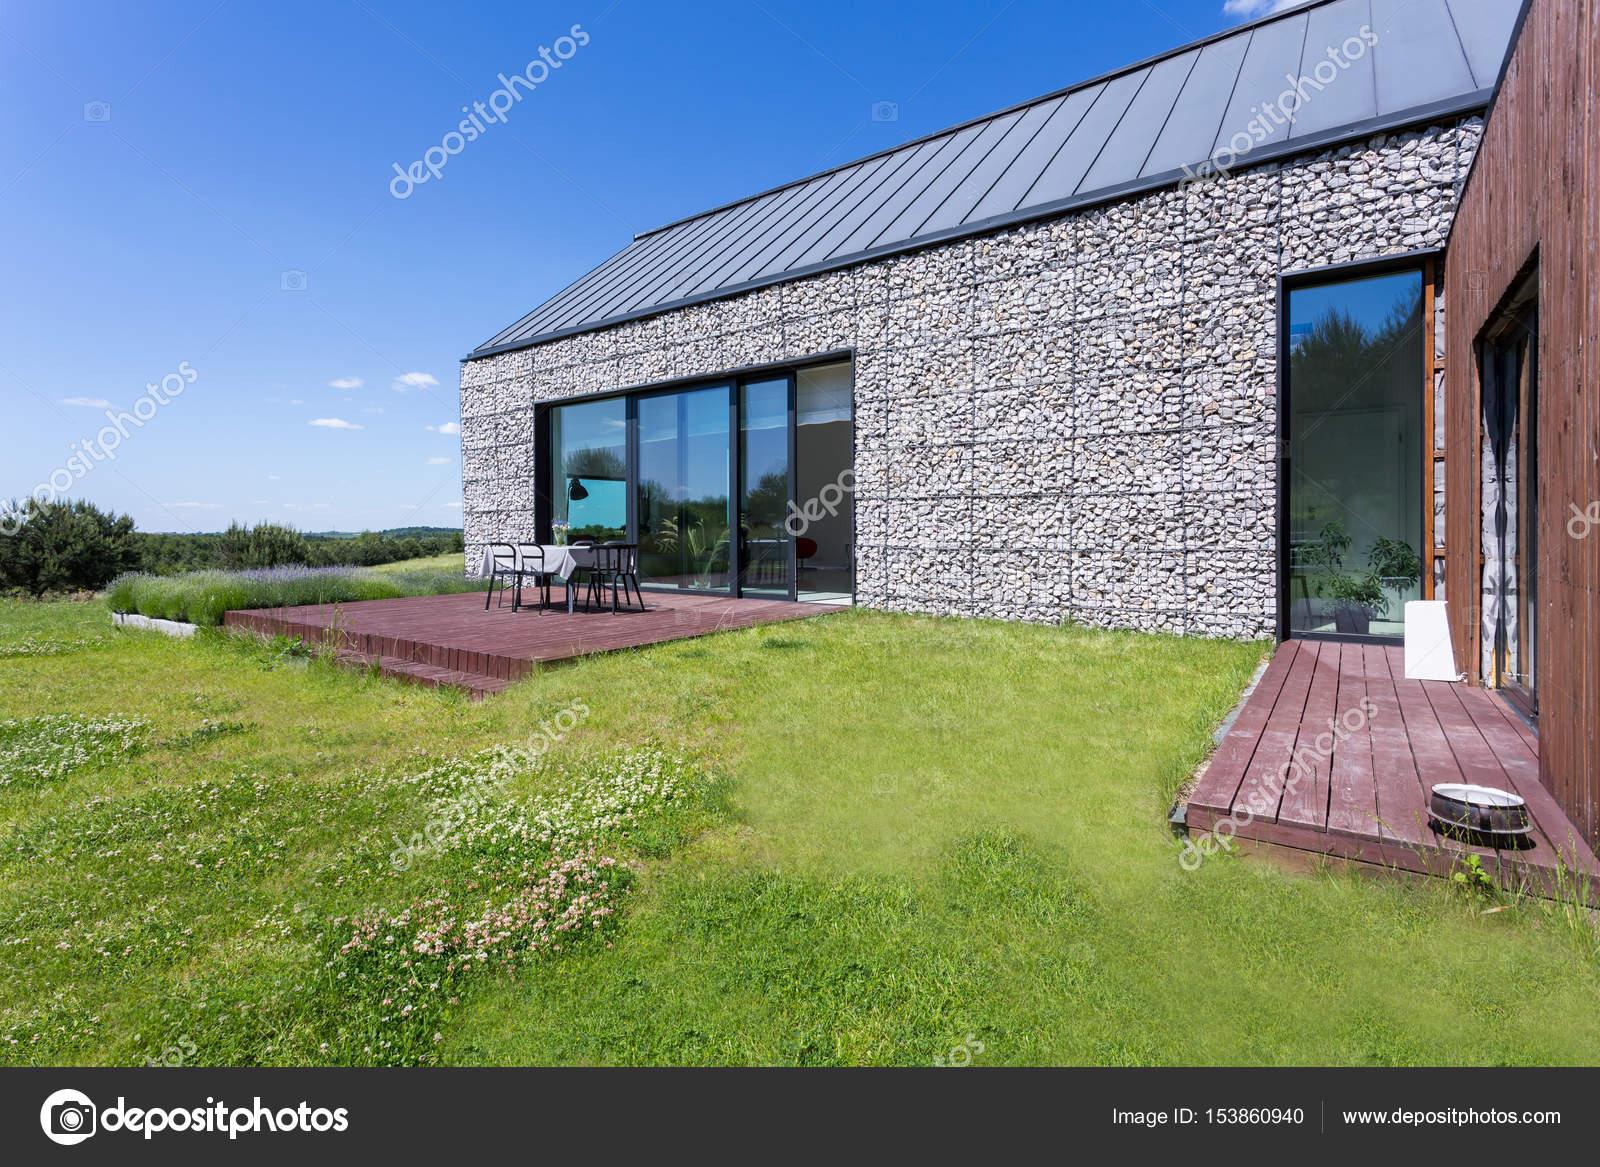 Maison moderne en pierre avec terrasse — Photographie photographee ...